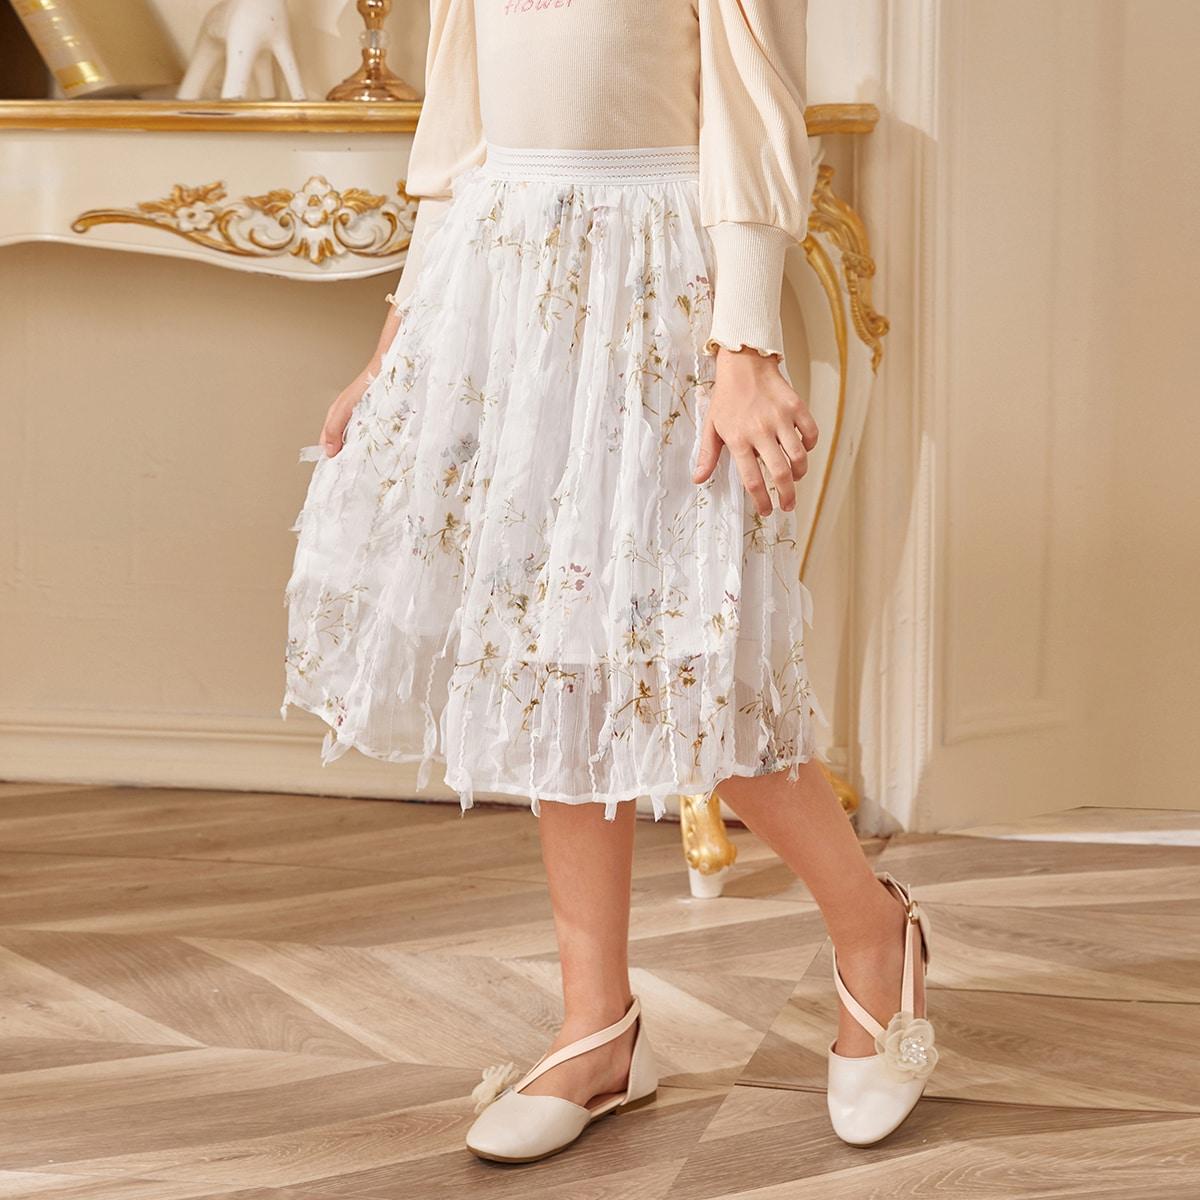 Жаккардовая шифоновая юбка для девочек